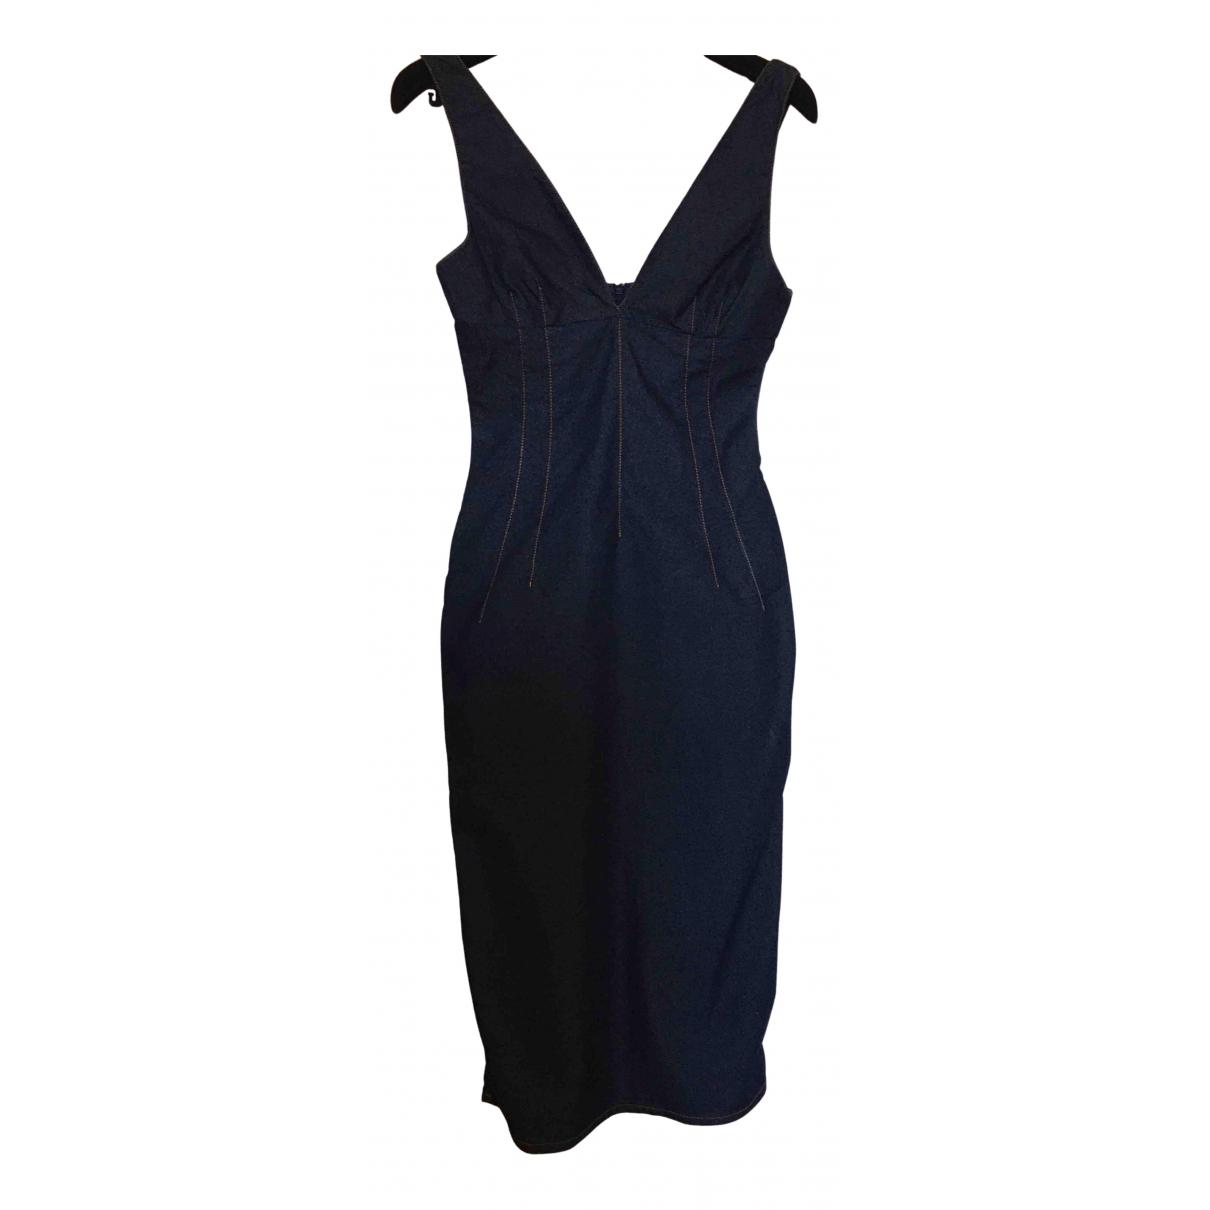 D&g \N Kleid in  Blau Denim - Jeans